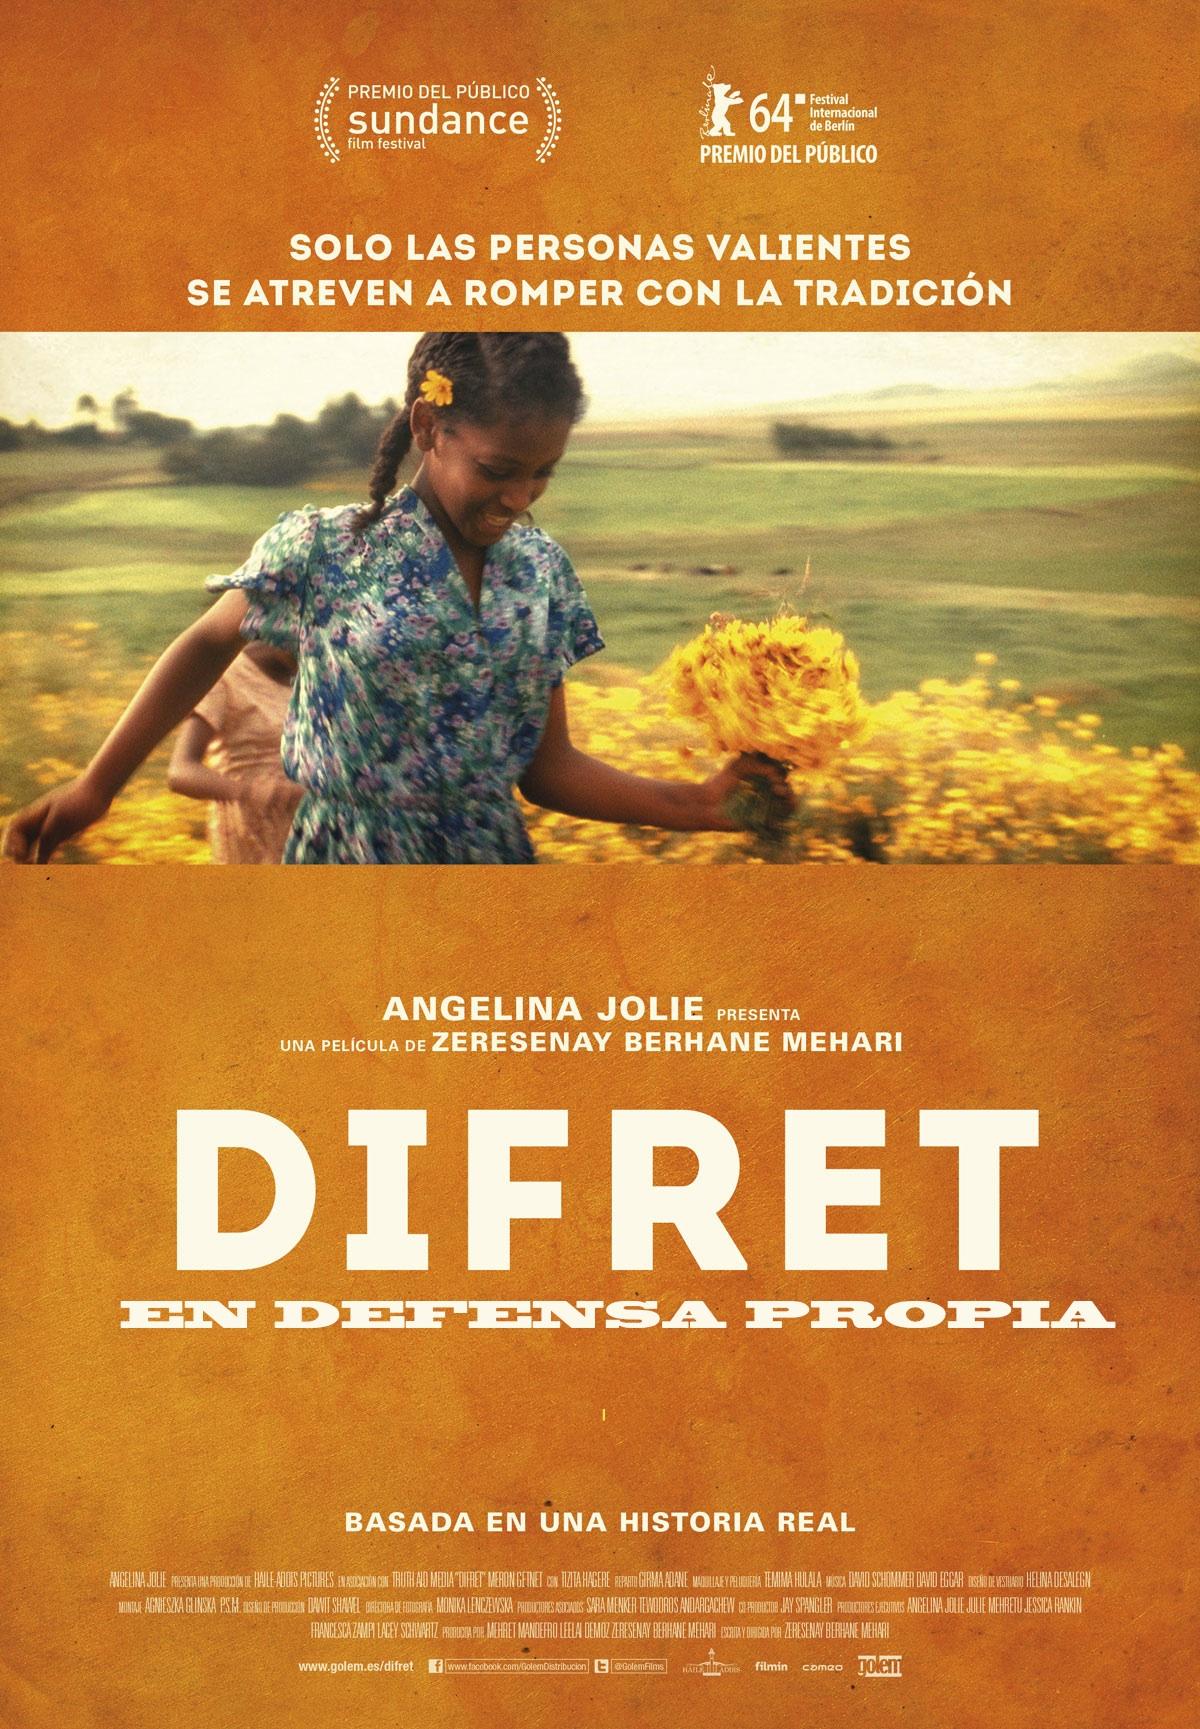 Difret-En-Defensa-Propia-empeliculados.co_